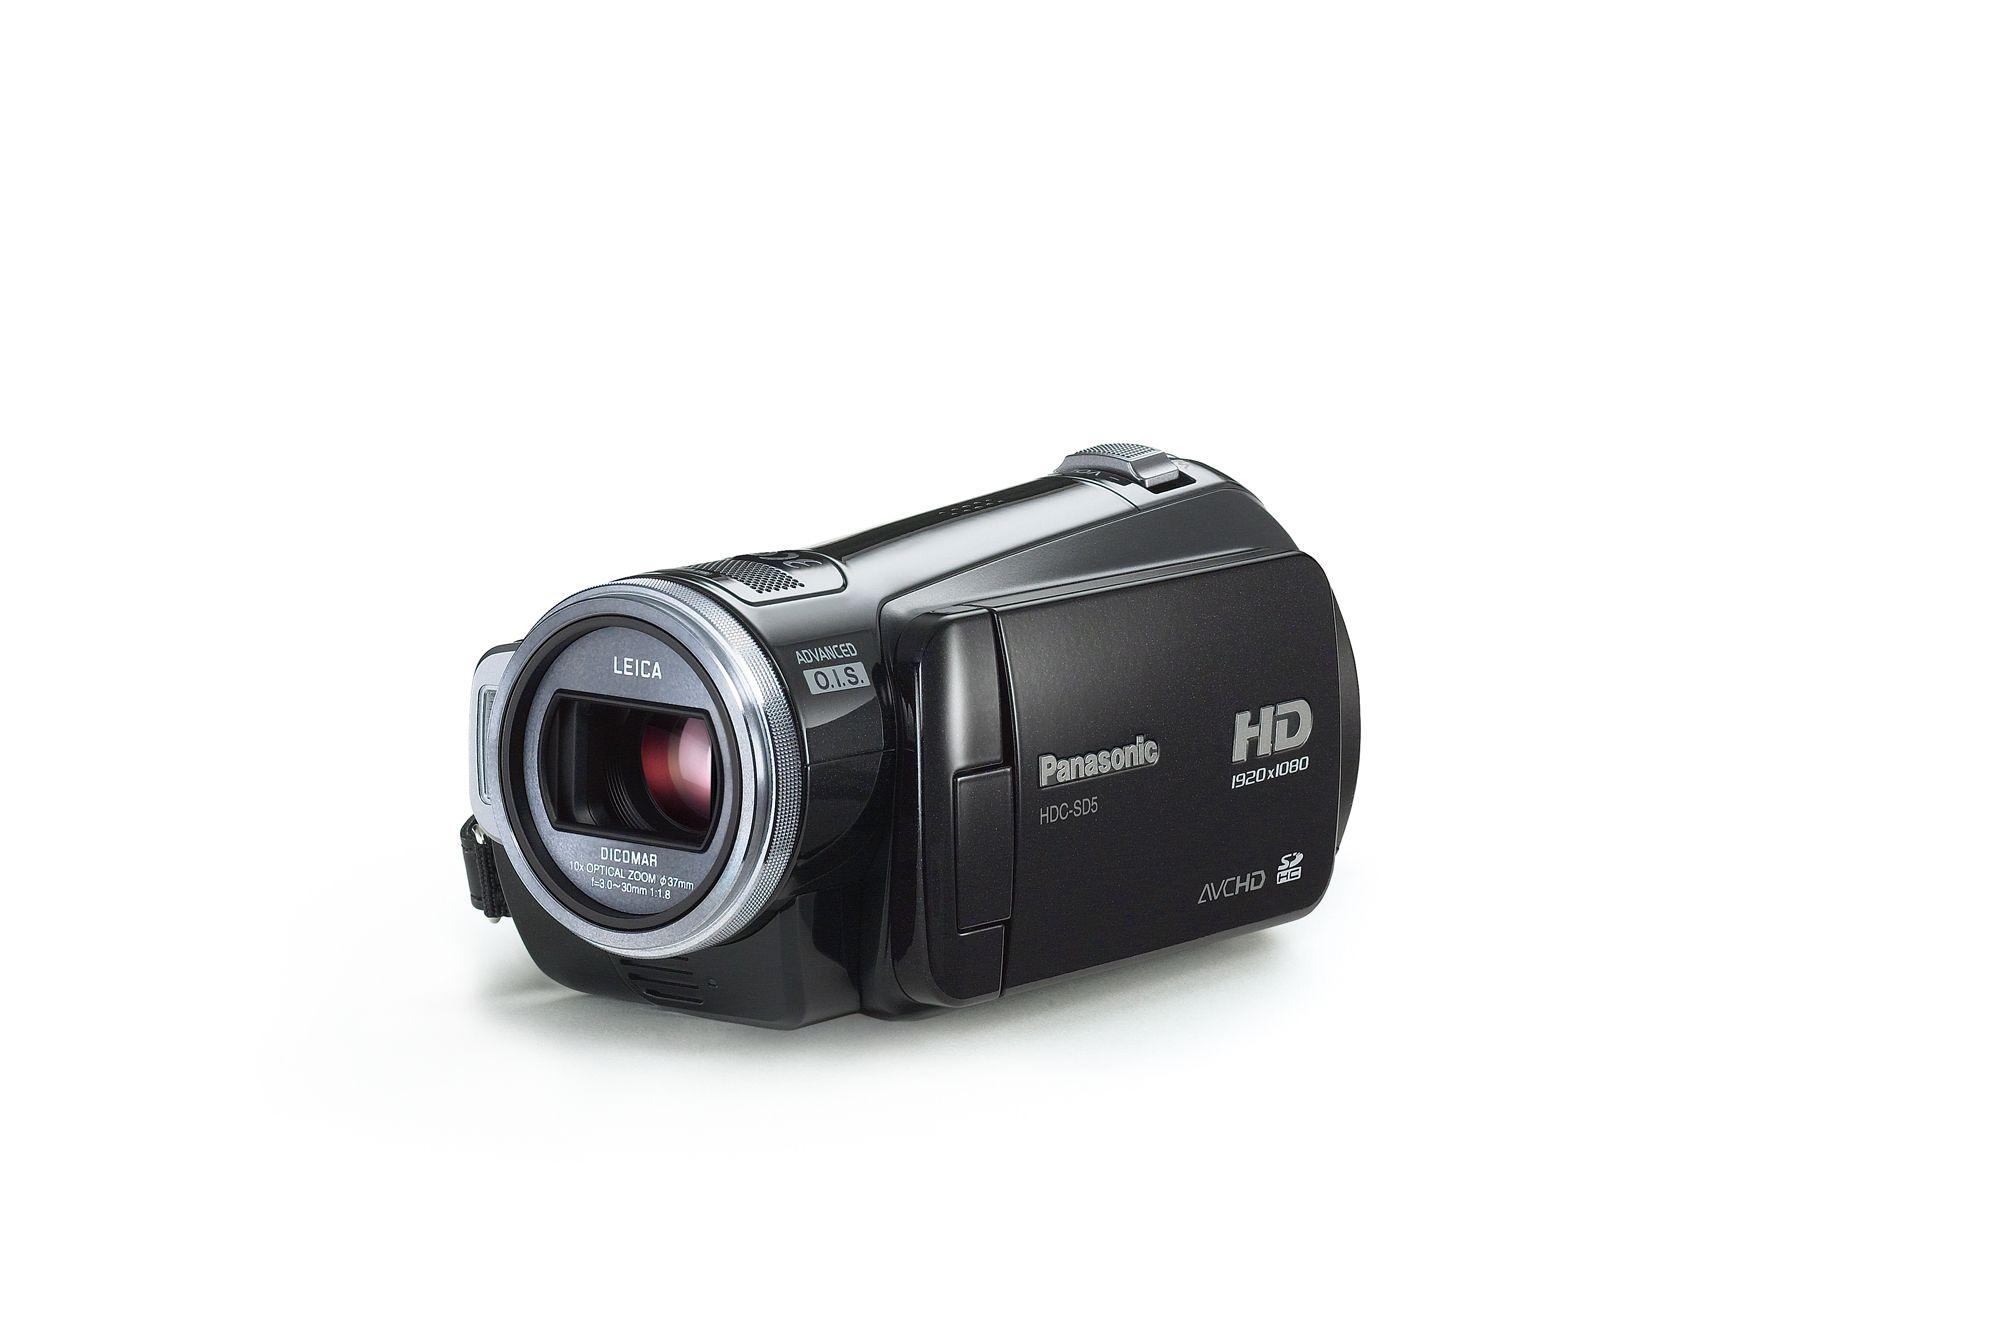 Verdens minste HD-kamera med 3 CCD-brikker